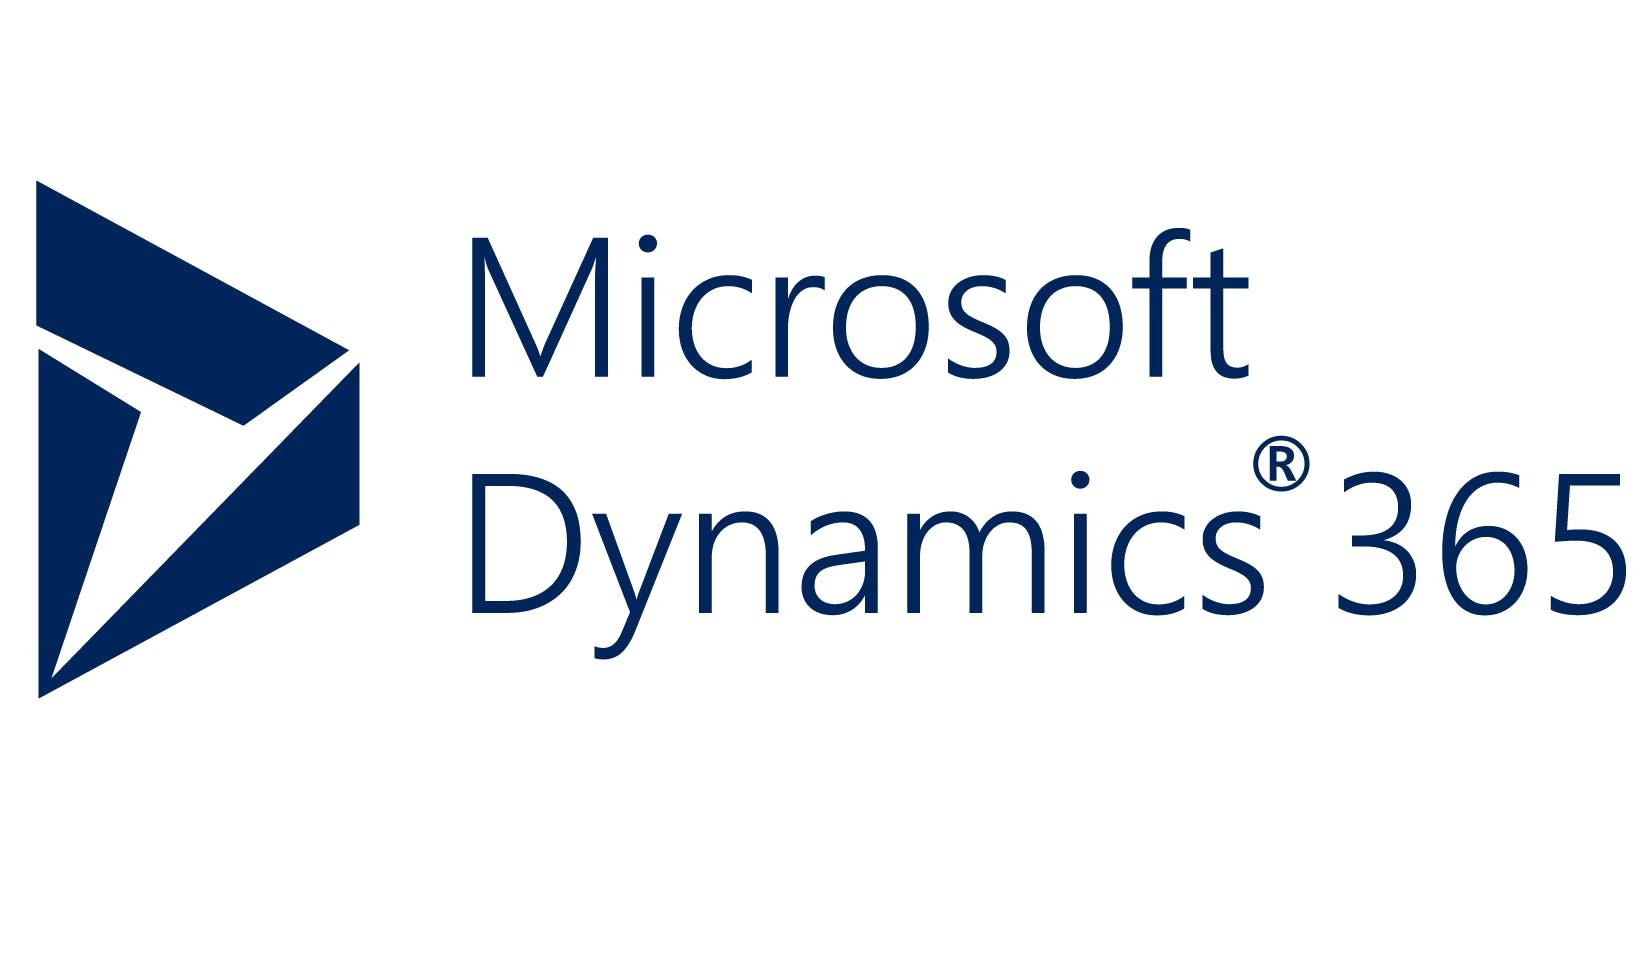 dynamics-365-logo-1.png?auto=compress,format